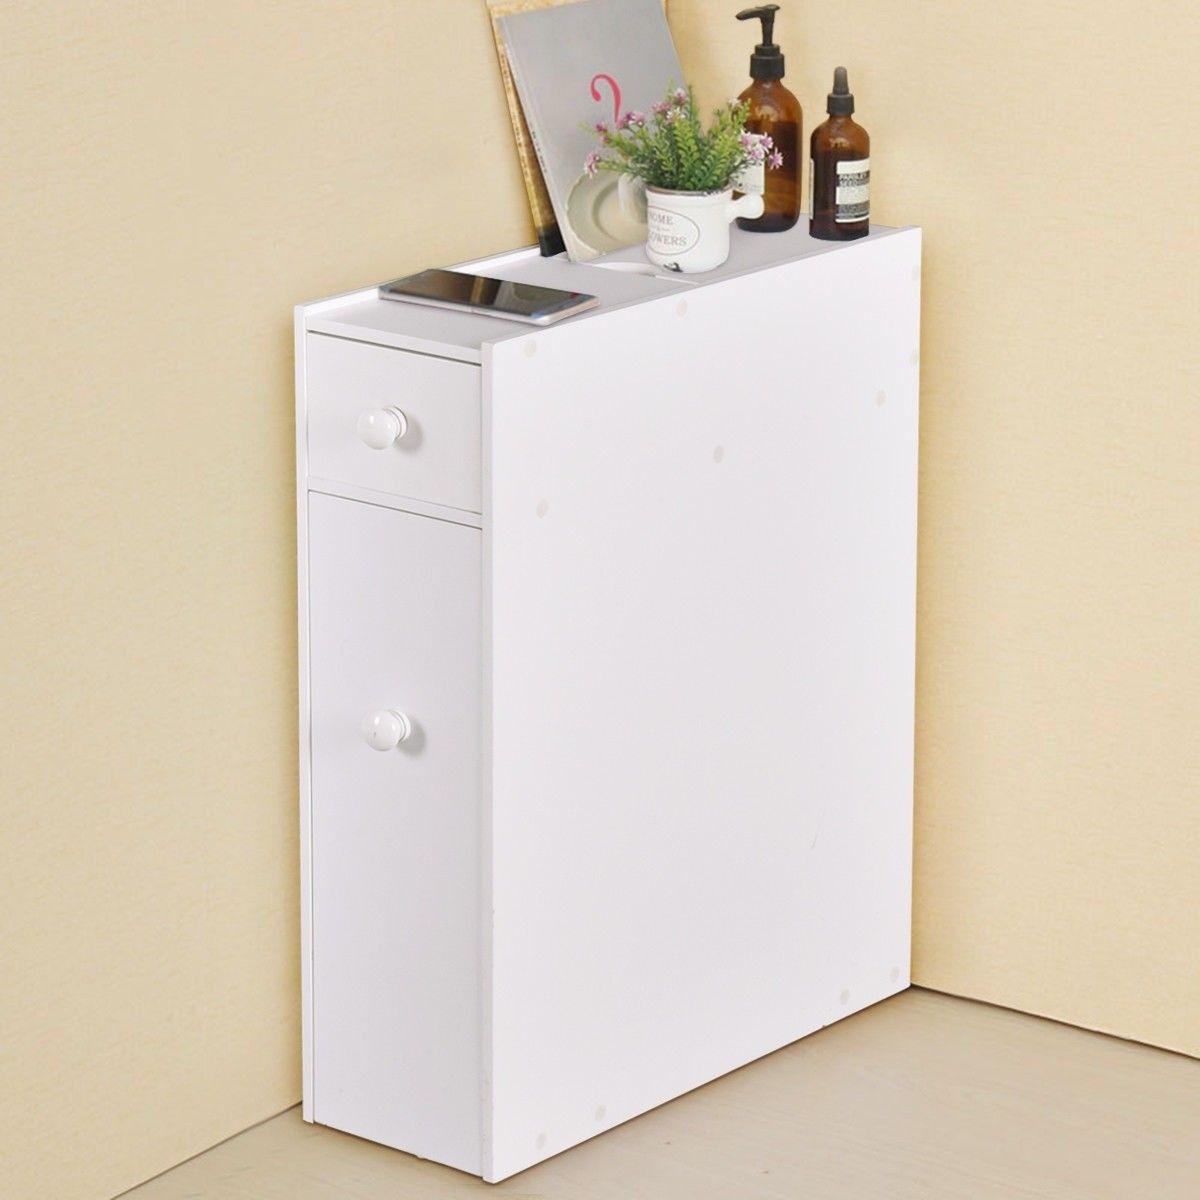 Bathroom Cabinet Space Saver Storage Organizer Bathroom Floor Cabinets Bathrooms Remodel White Bathroom Cabinets